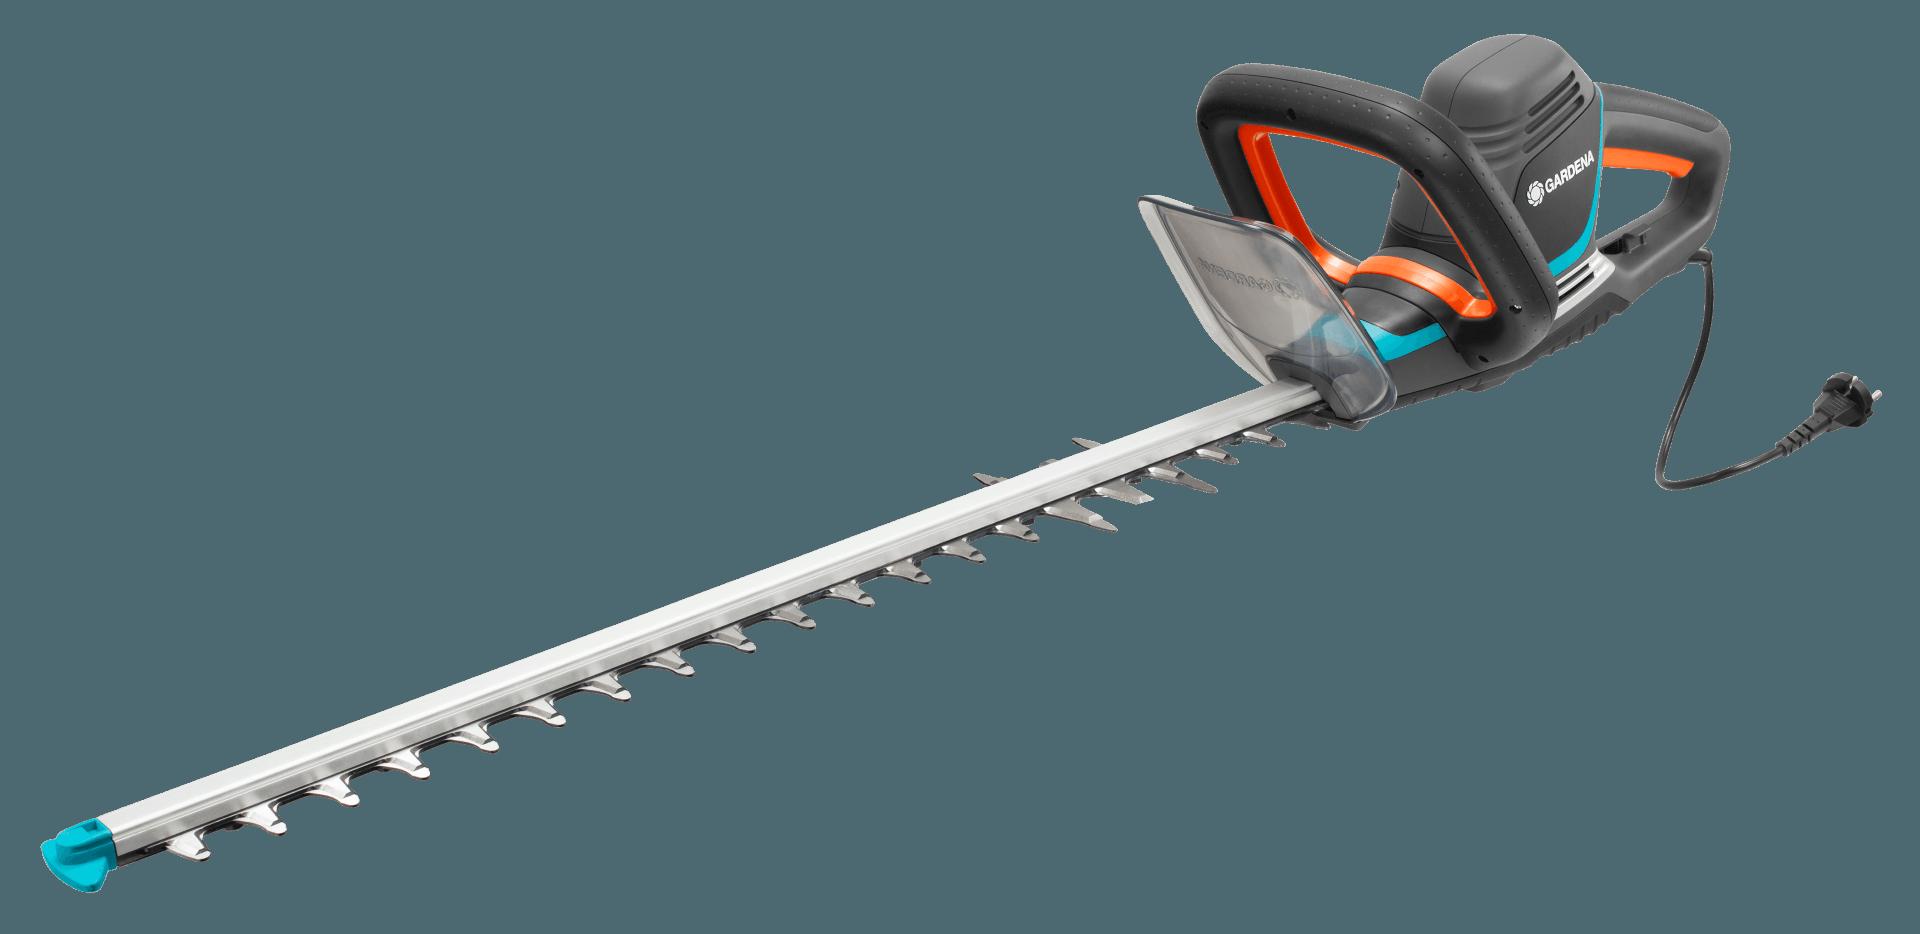 elektrische heggenschaar PowerCut 700/65